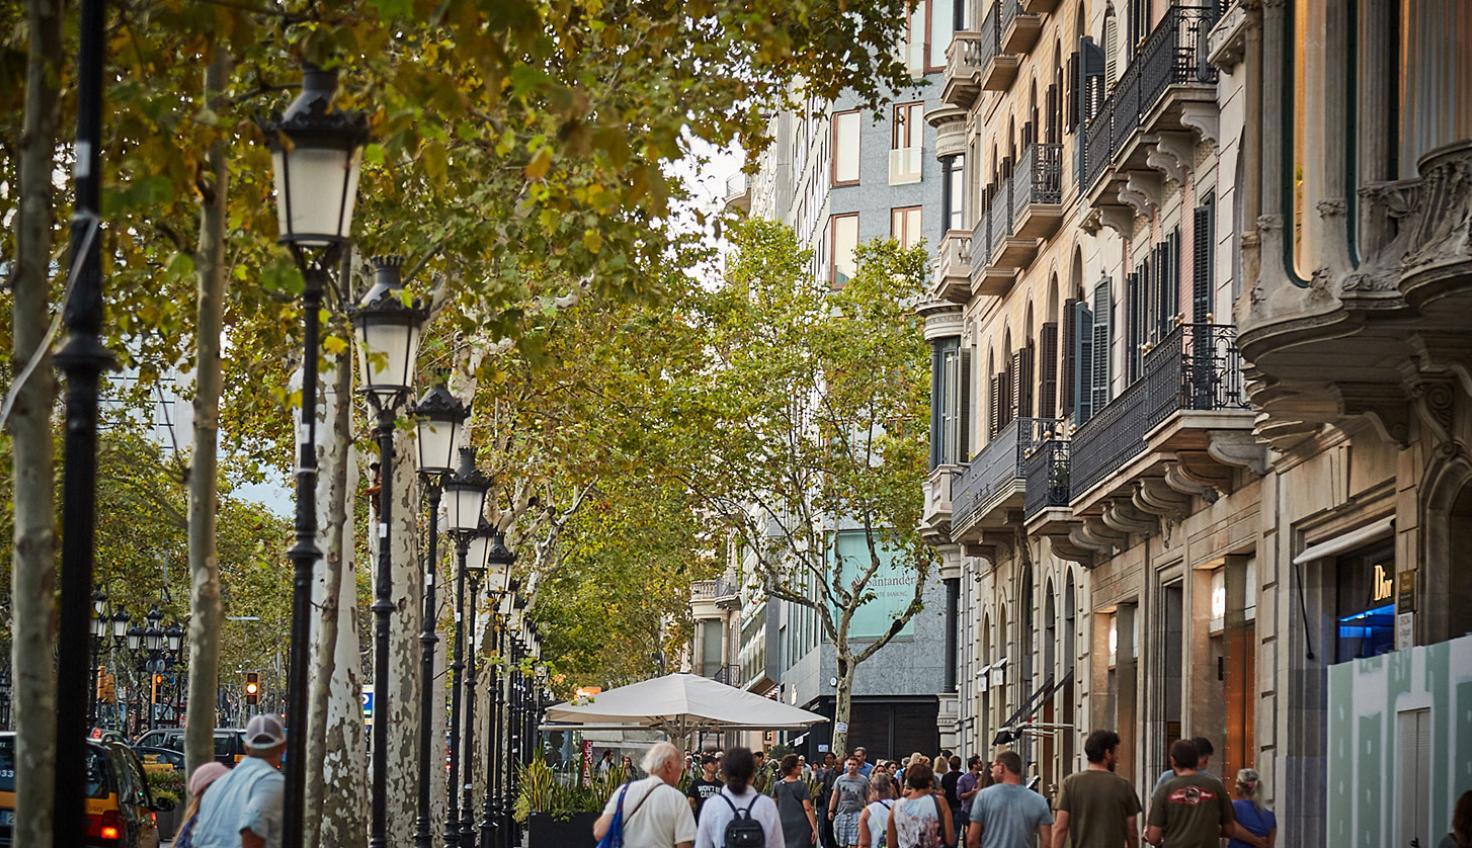 Las 10 calles más interesantes de España 6